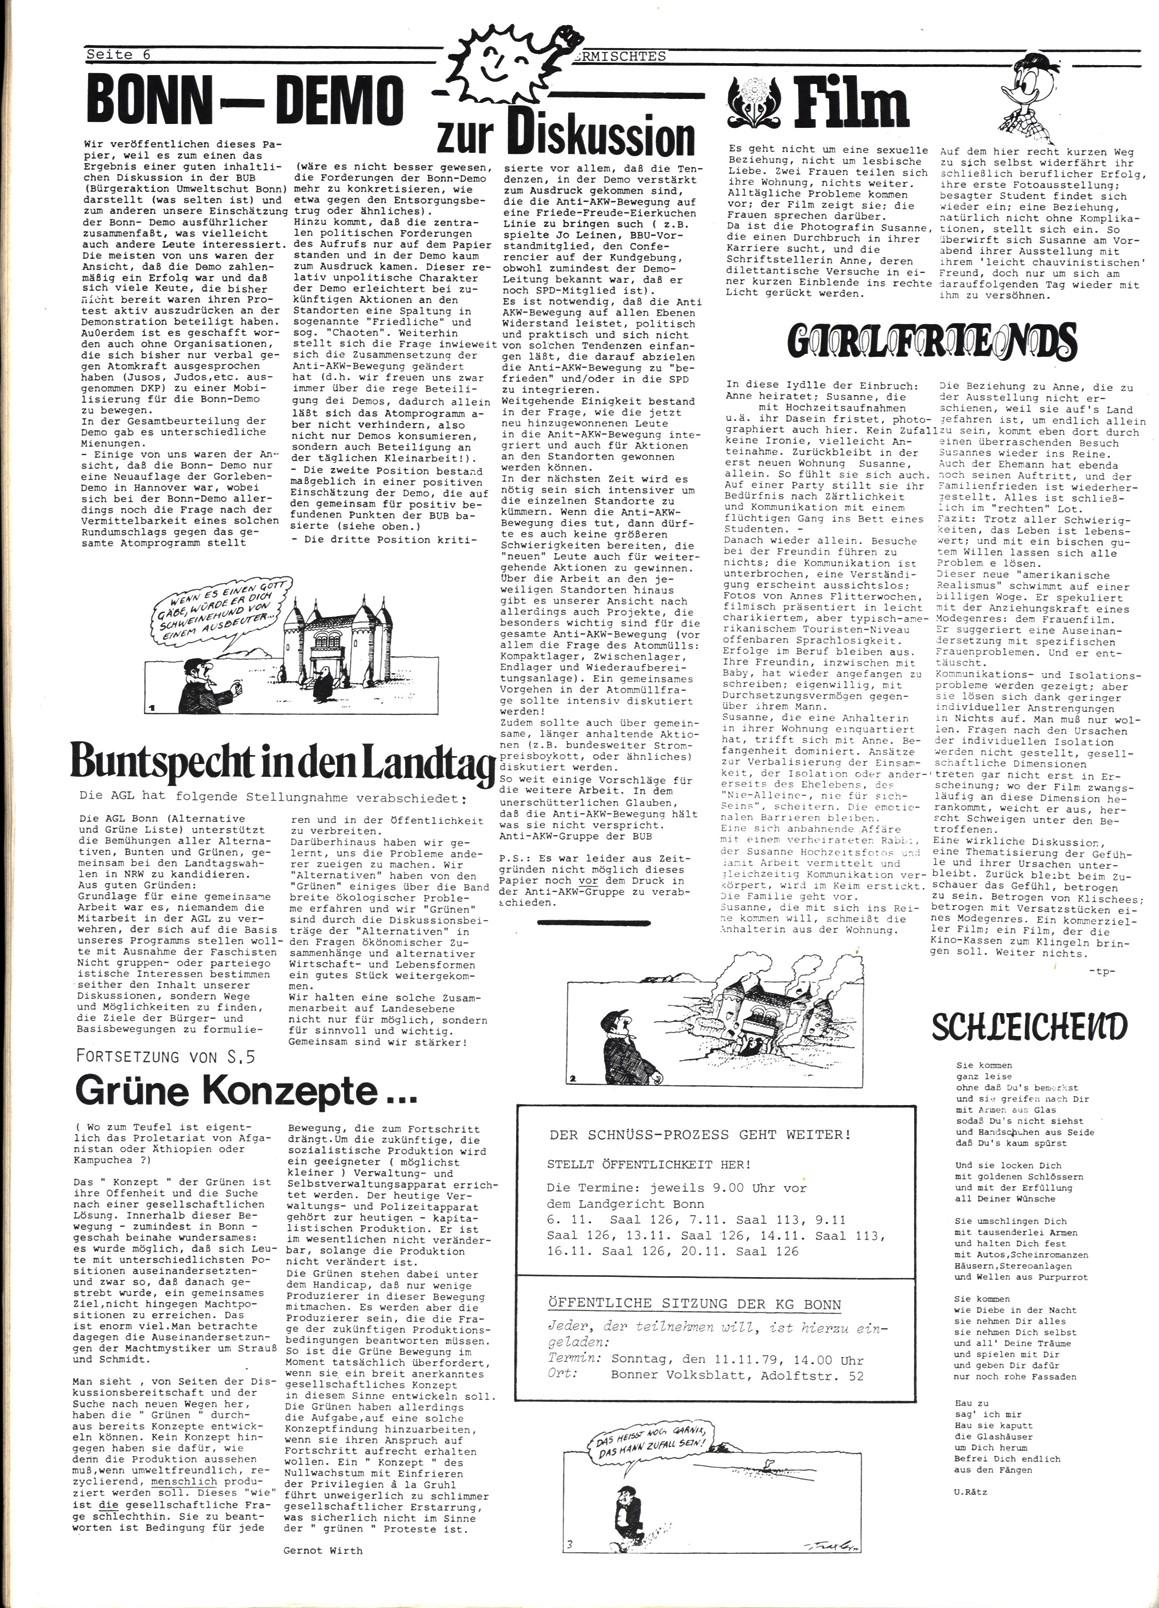 Bonner_Volksblatt_29_19791031_06